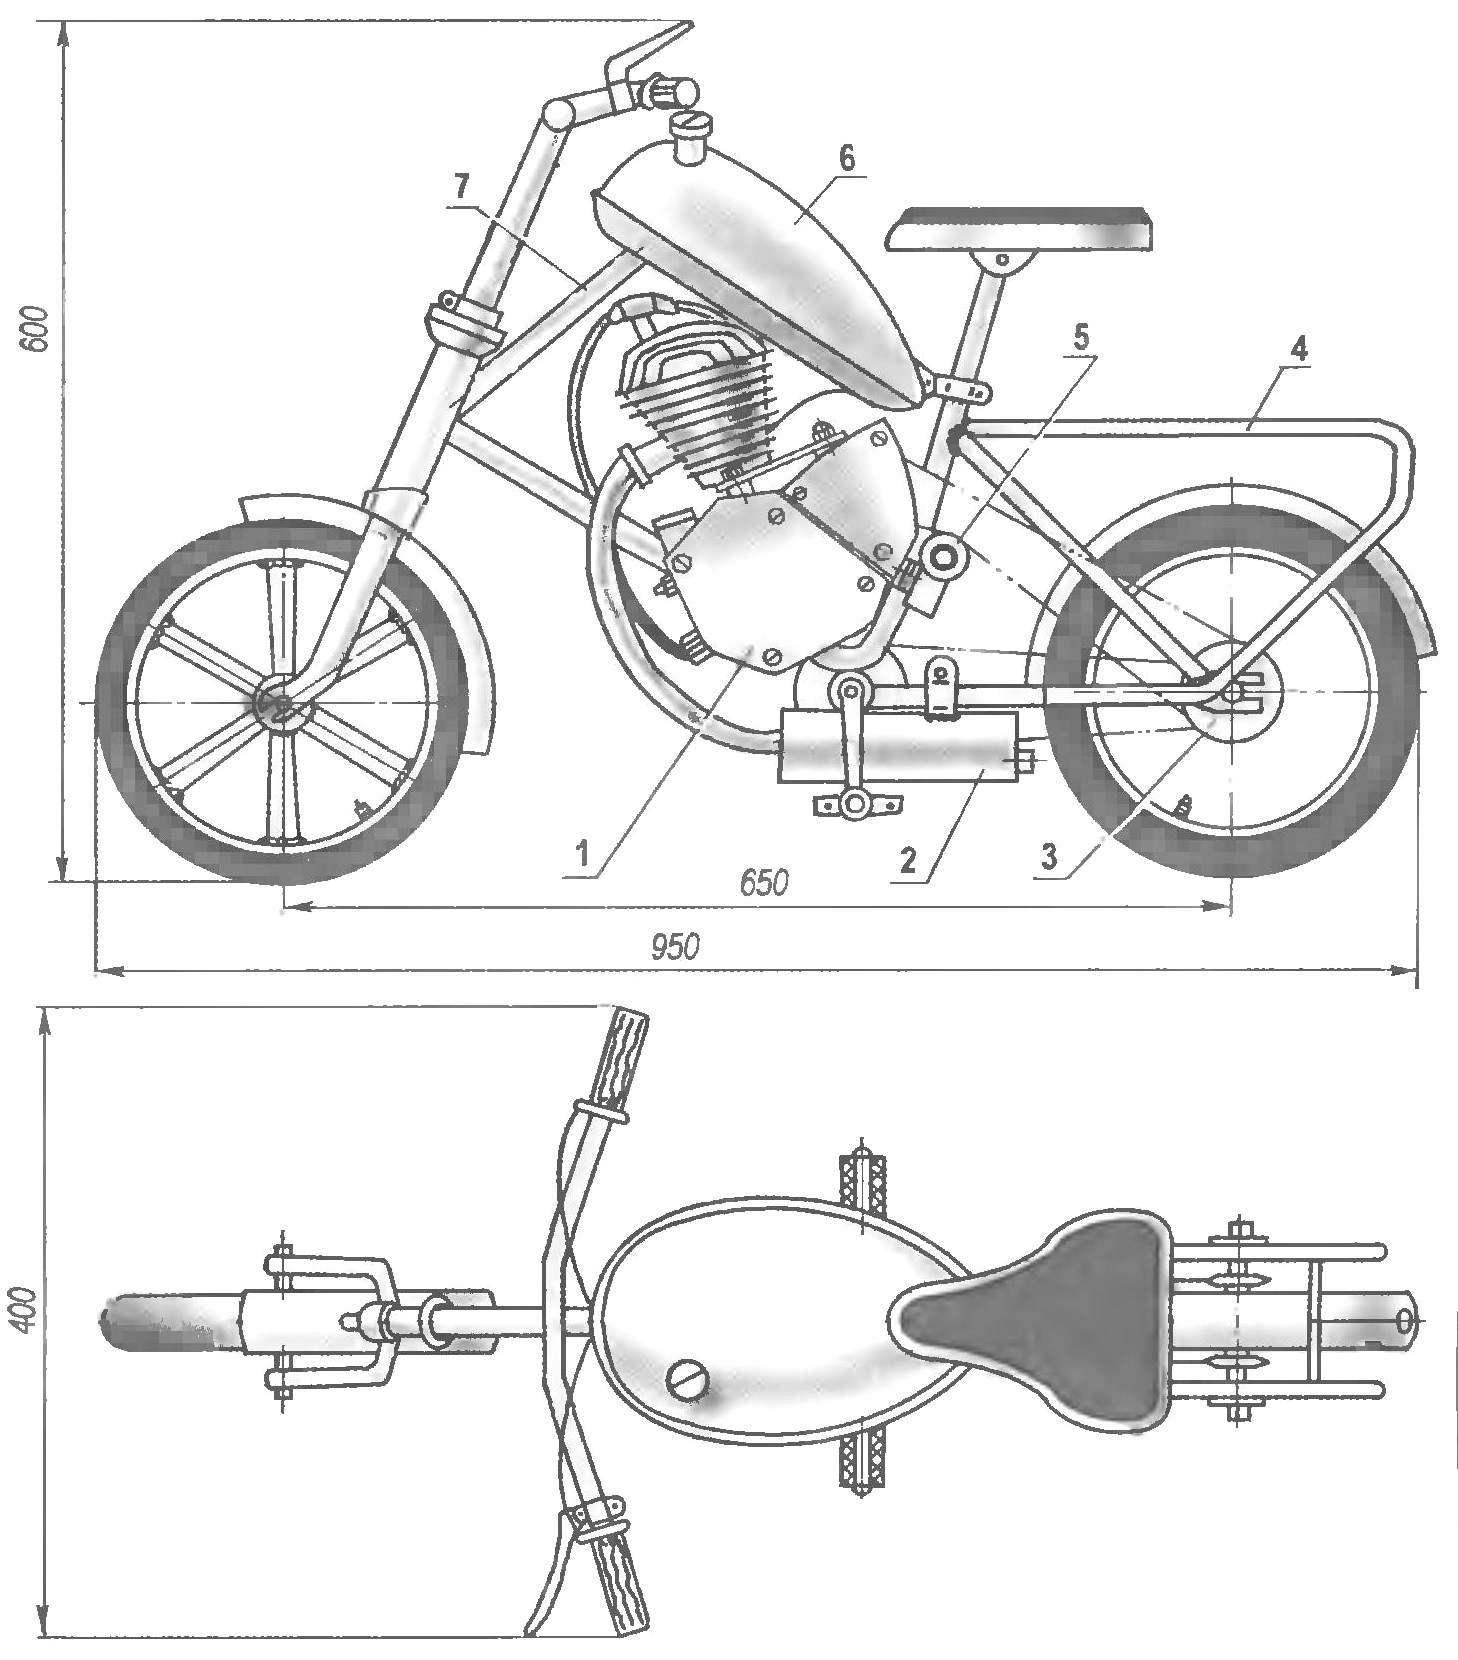 Рис. 1. Мини-мокик на базе детского велосипеда и двигателя Д-8